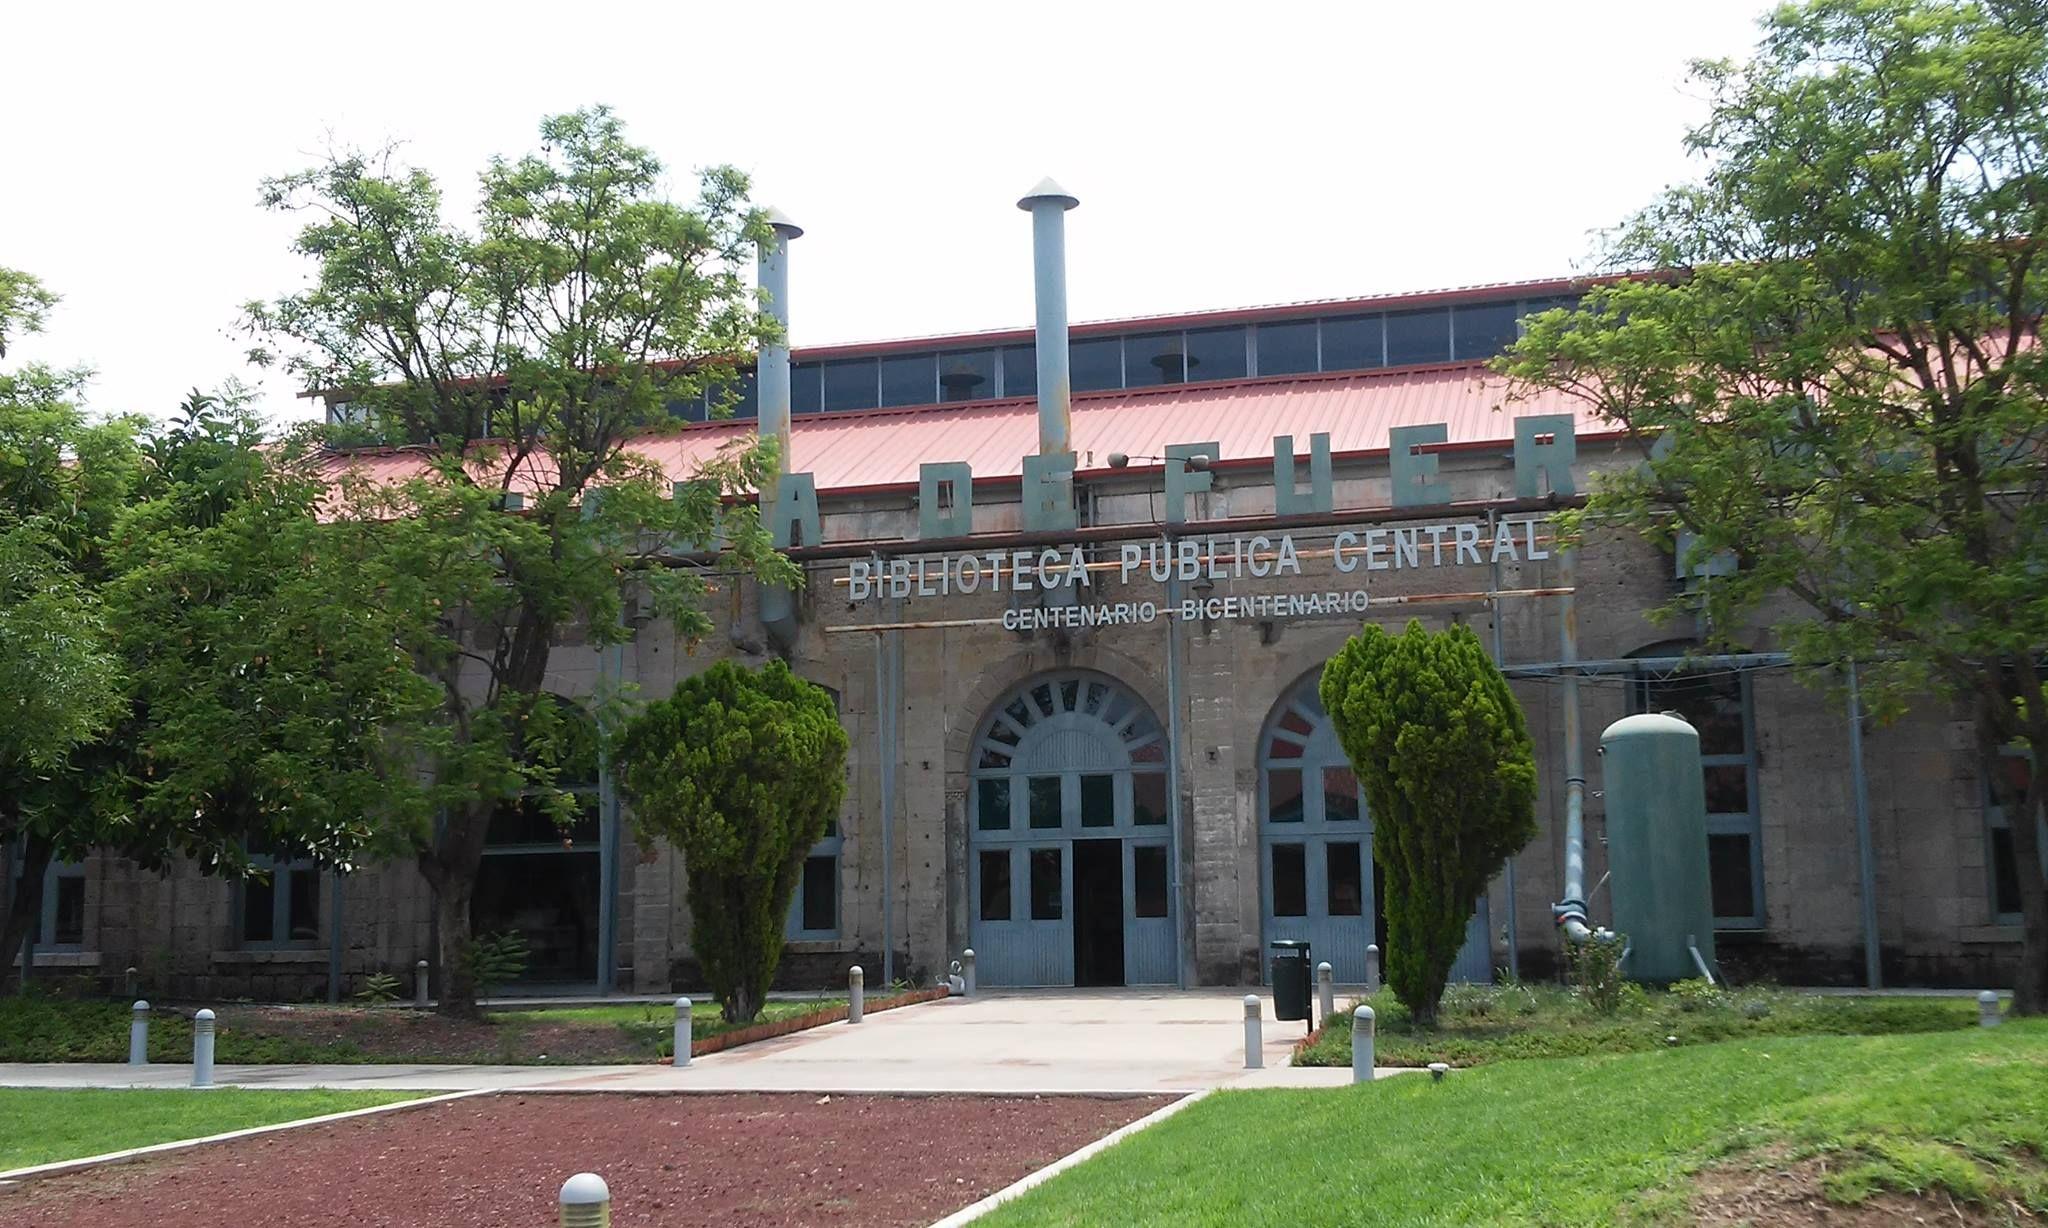 Biblioteca Pública Central Centenario Bicentenario   Universidad de las  Artes. Aguascalientes, México   Aguascalientes, Biblioteca publica,  Biblioteca